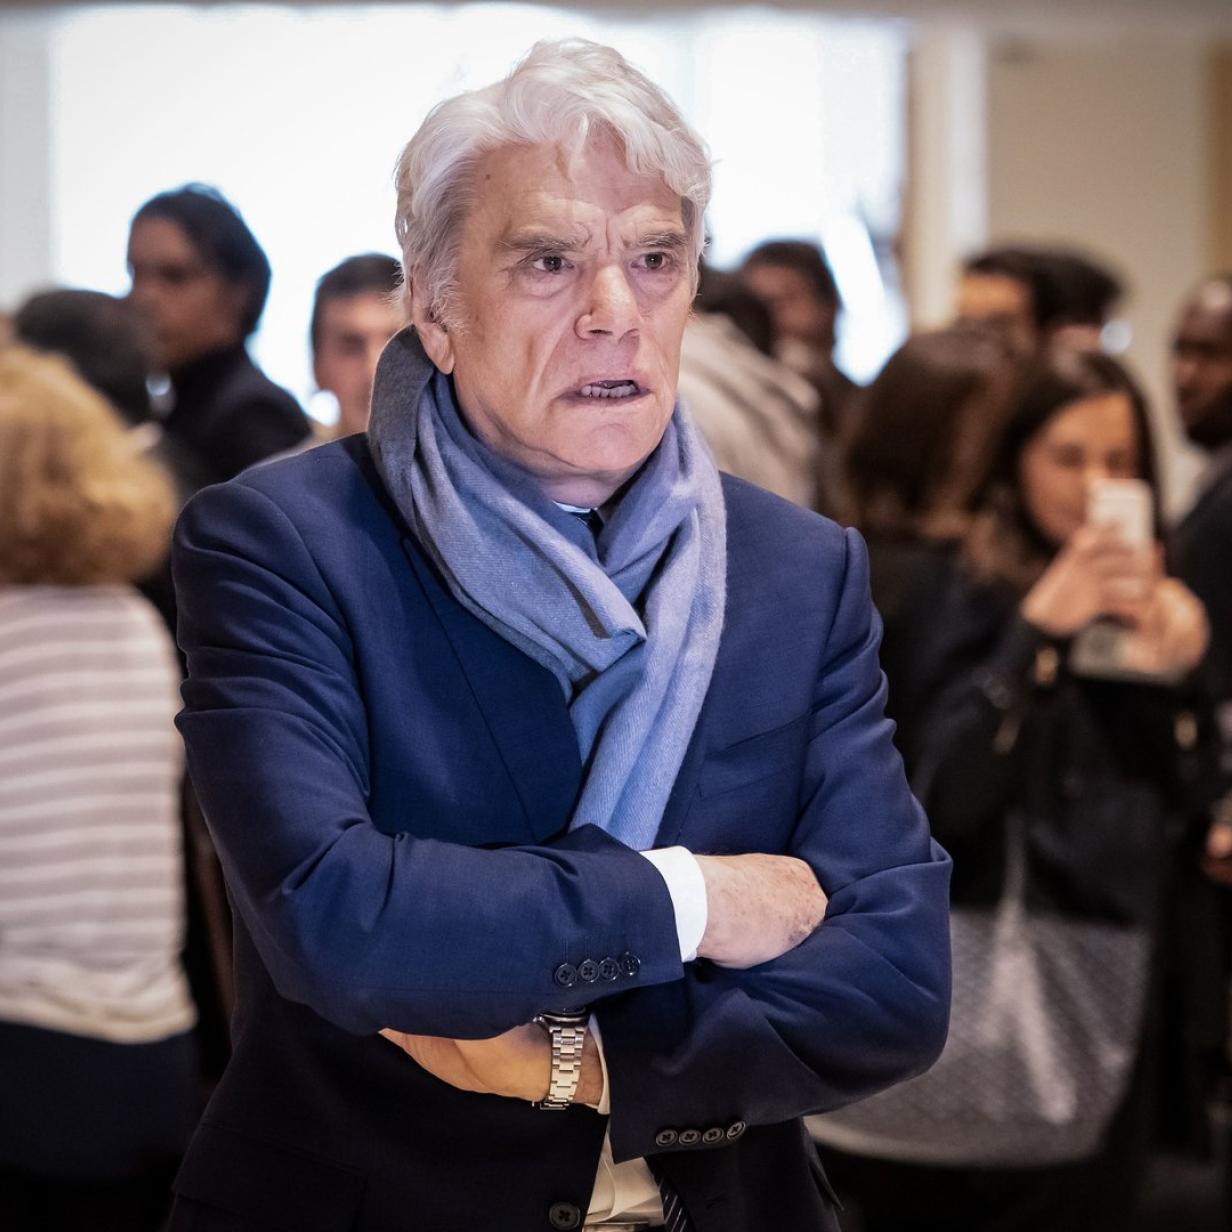 Adidas: Freispruch für französischen Geschäftsmann Tapie